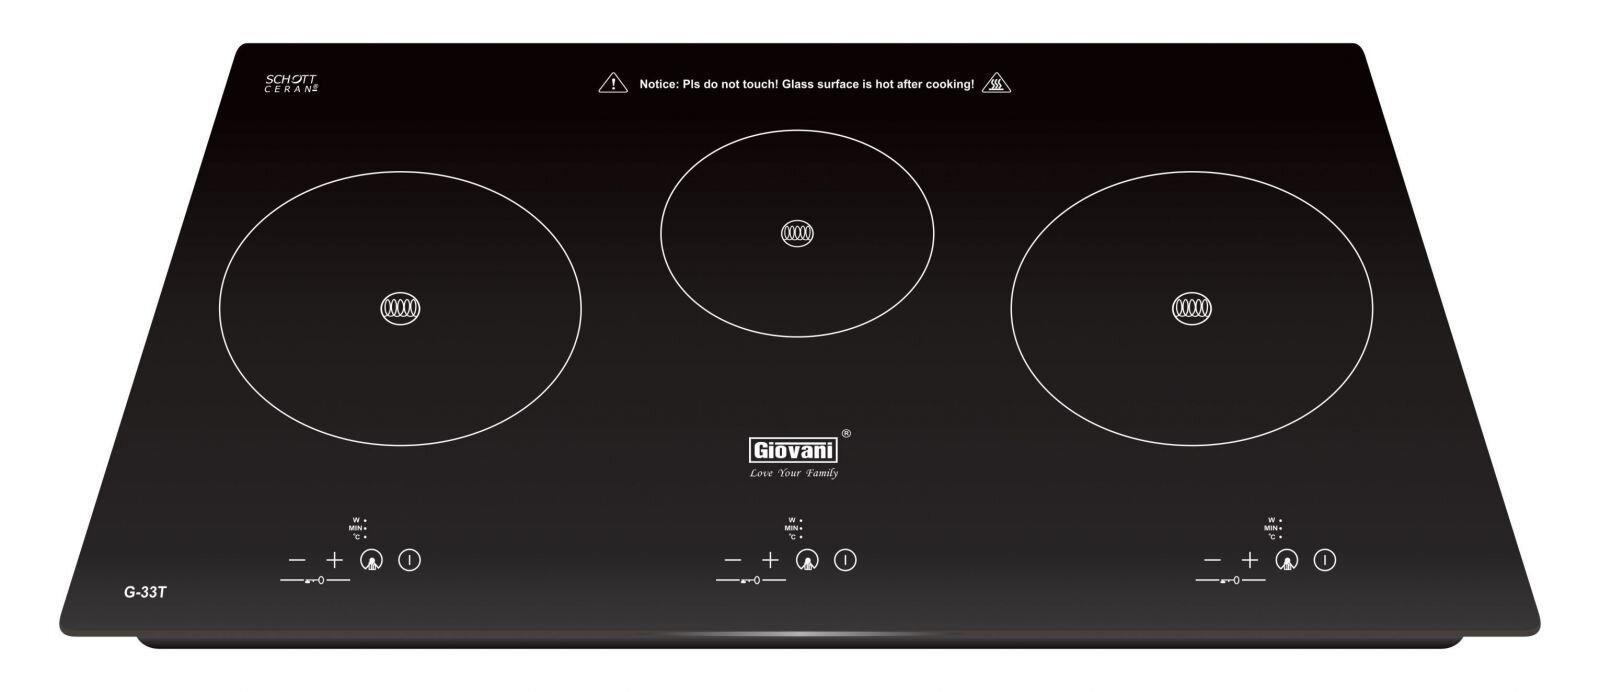 Bảng giá bếp điện từ 3 – 4 vùng nấu Giovani cập nhật tháng 3/2017